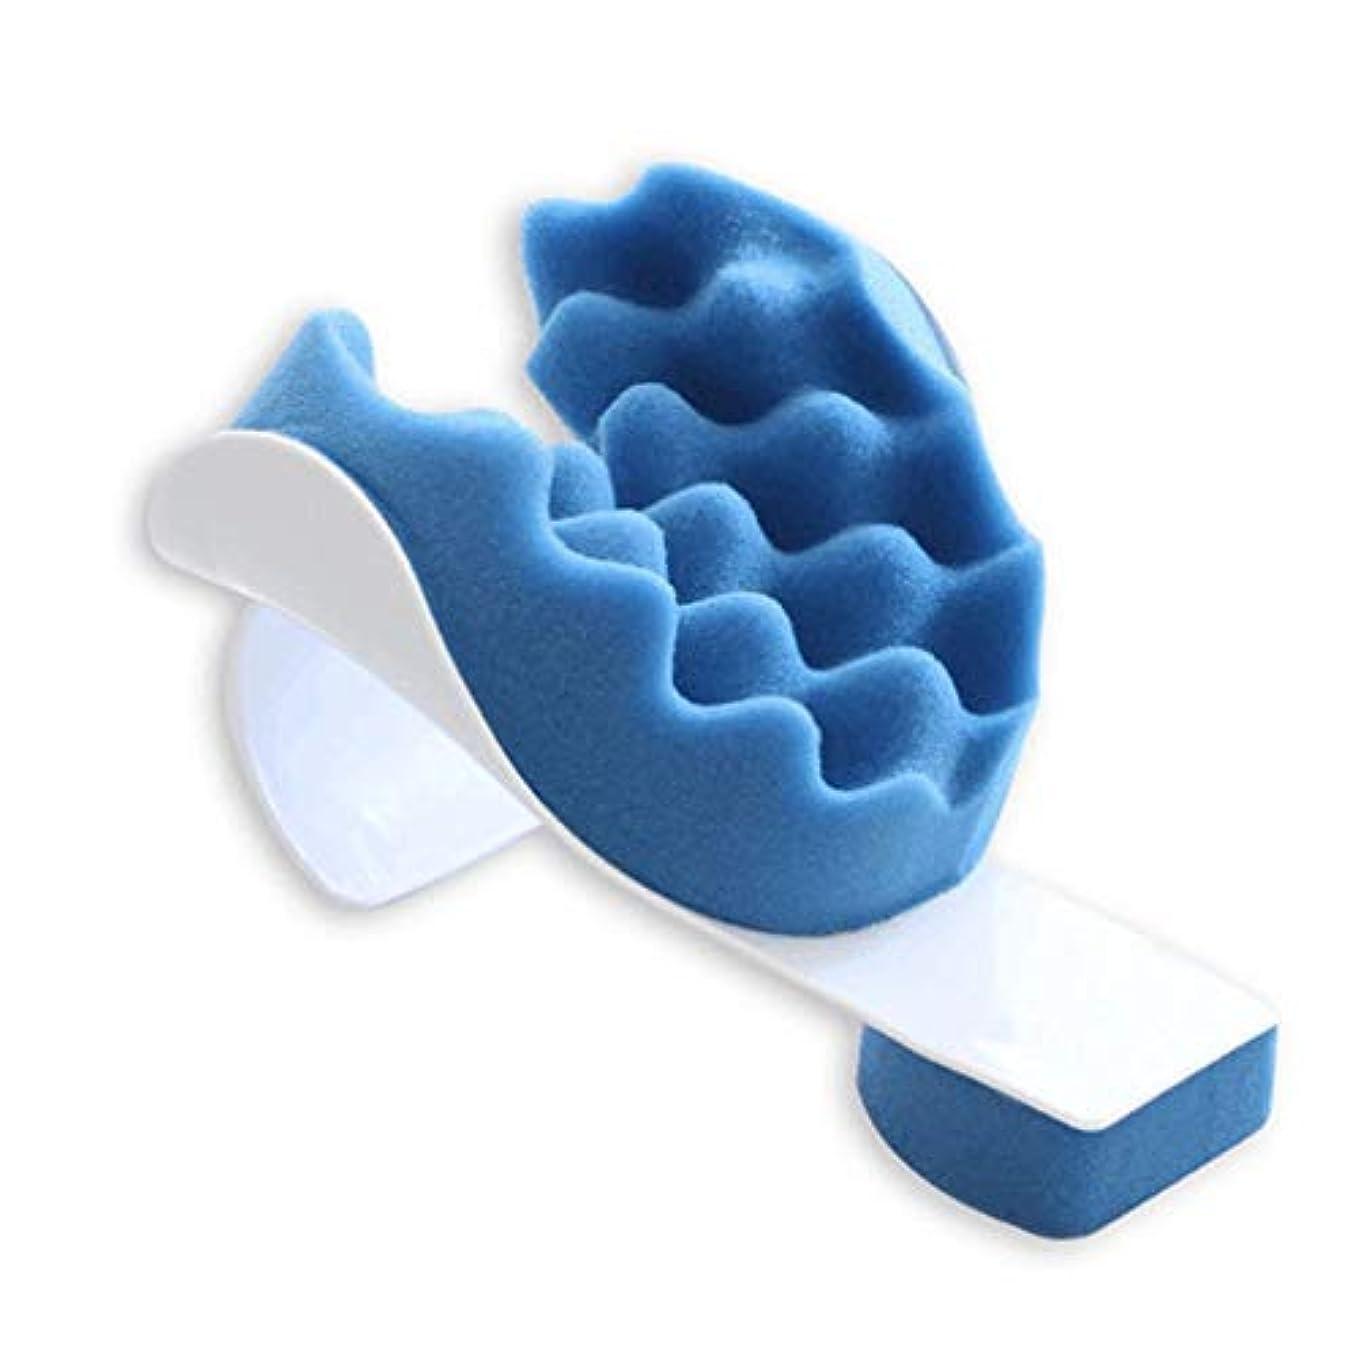 生き物駐地釈義Esolom マッサージ枕 首と肩のリラクゼーション 首の痛みの緩和 サポート肩リラクゼーションマッサージ牽引枕 ポータブル 頭と首のマッサージ枕